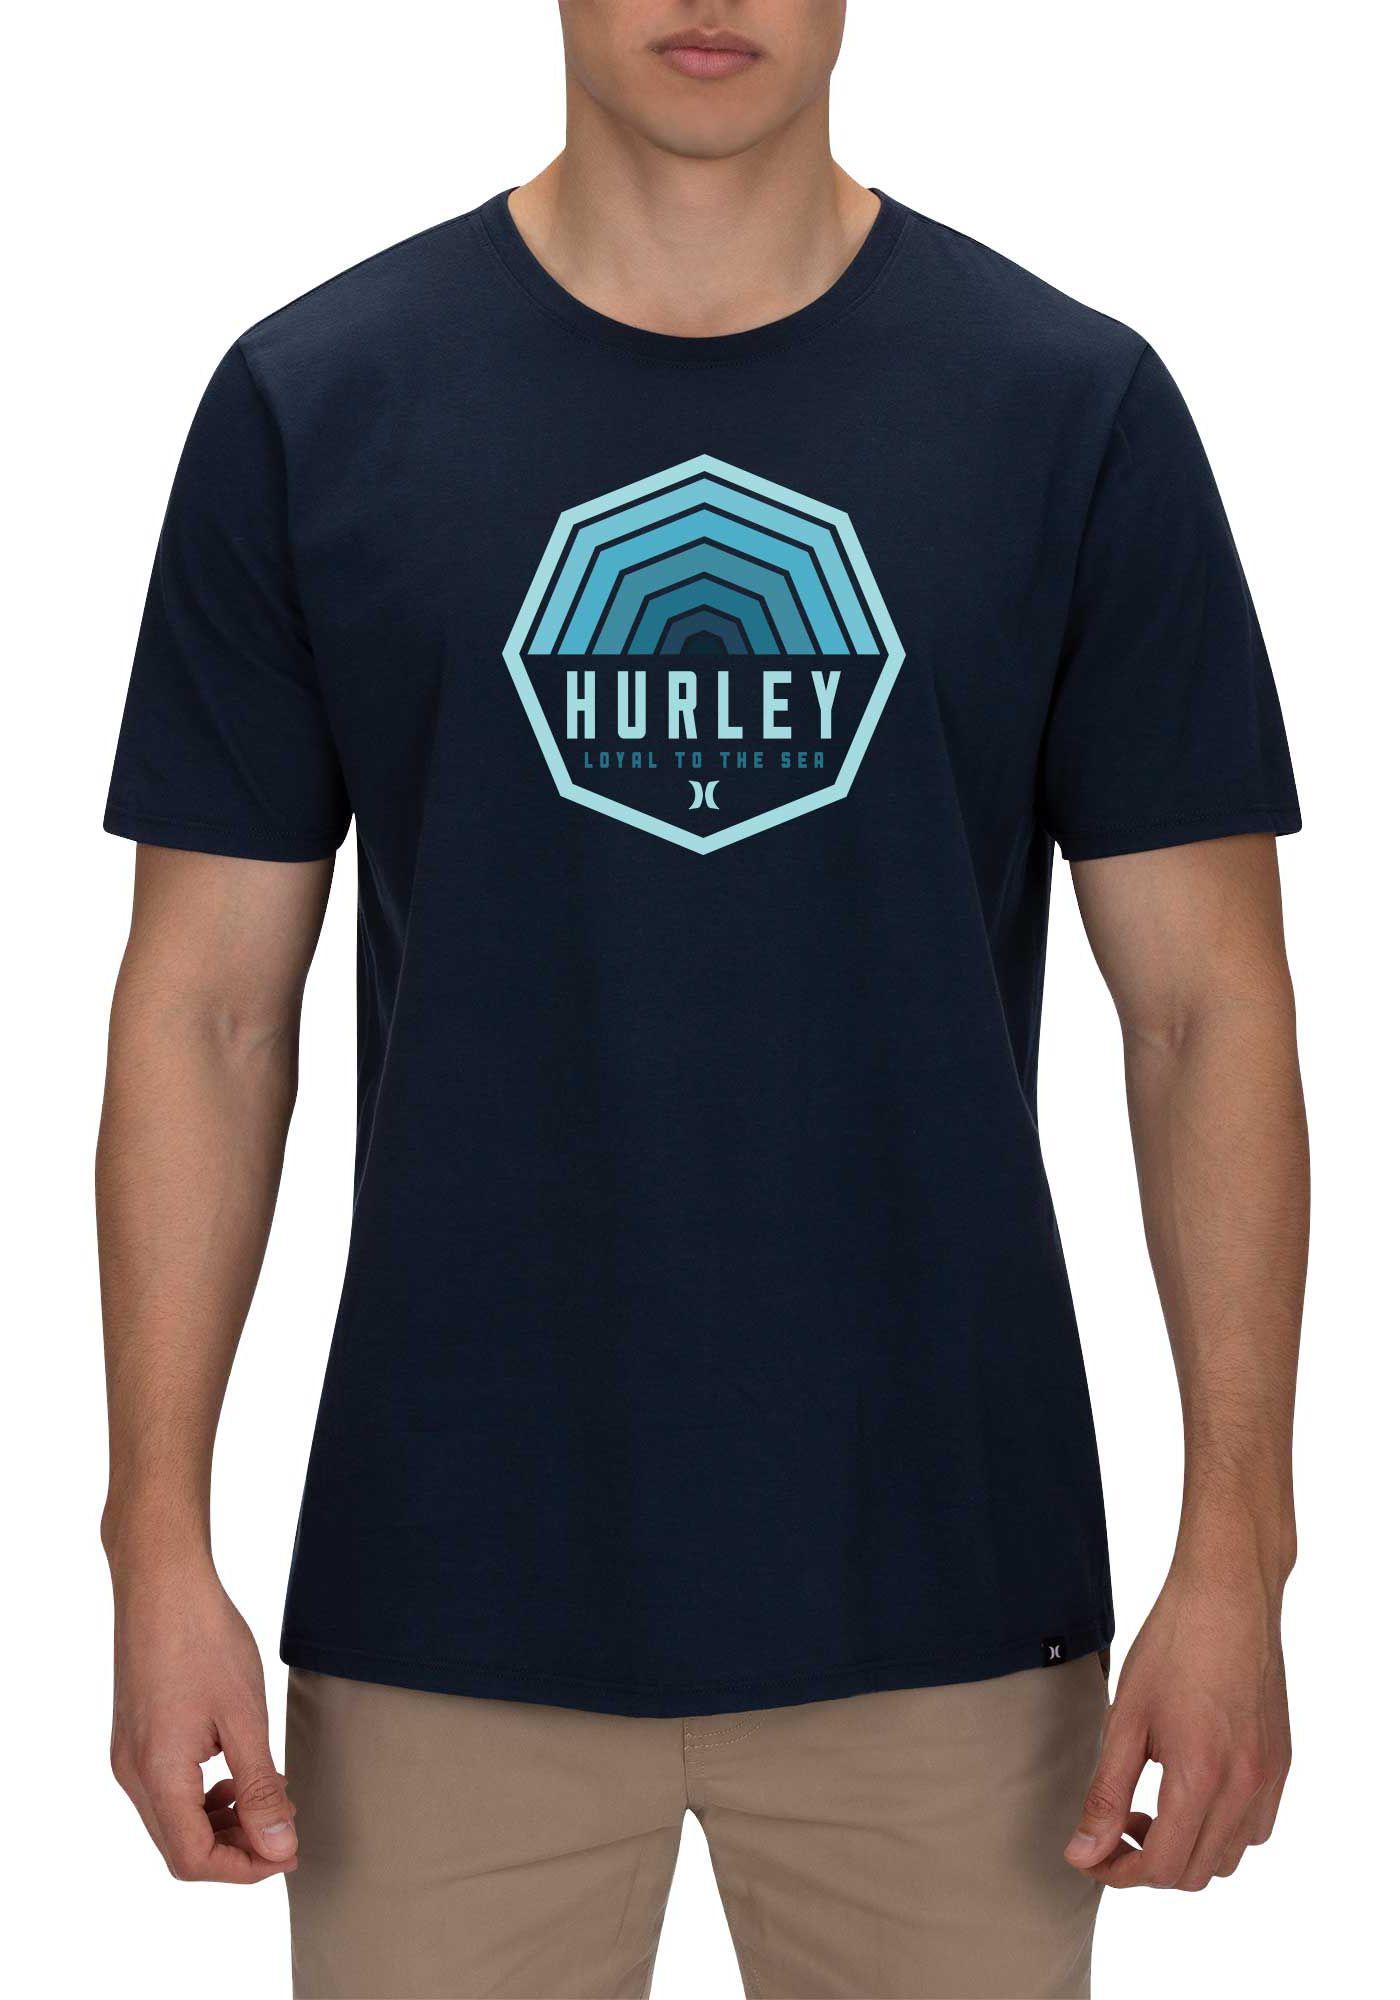 Hurley Men's Premium Hexer Short Sleeve T-Shirt